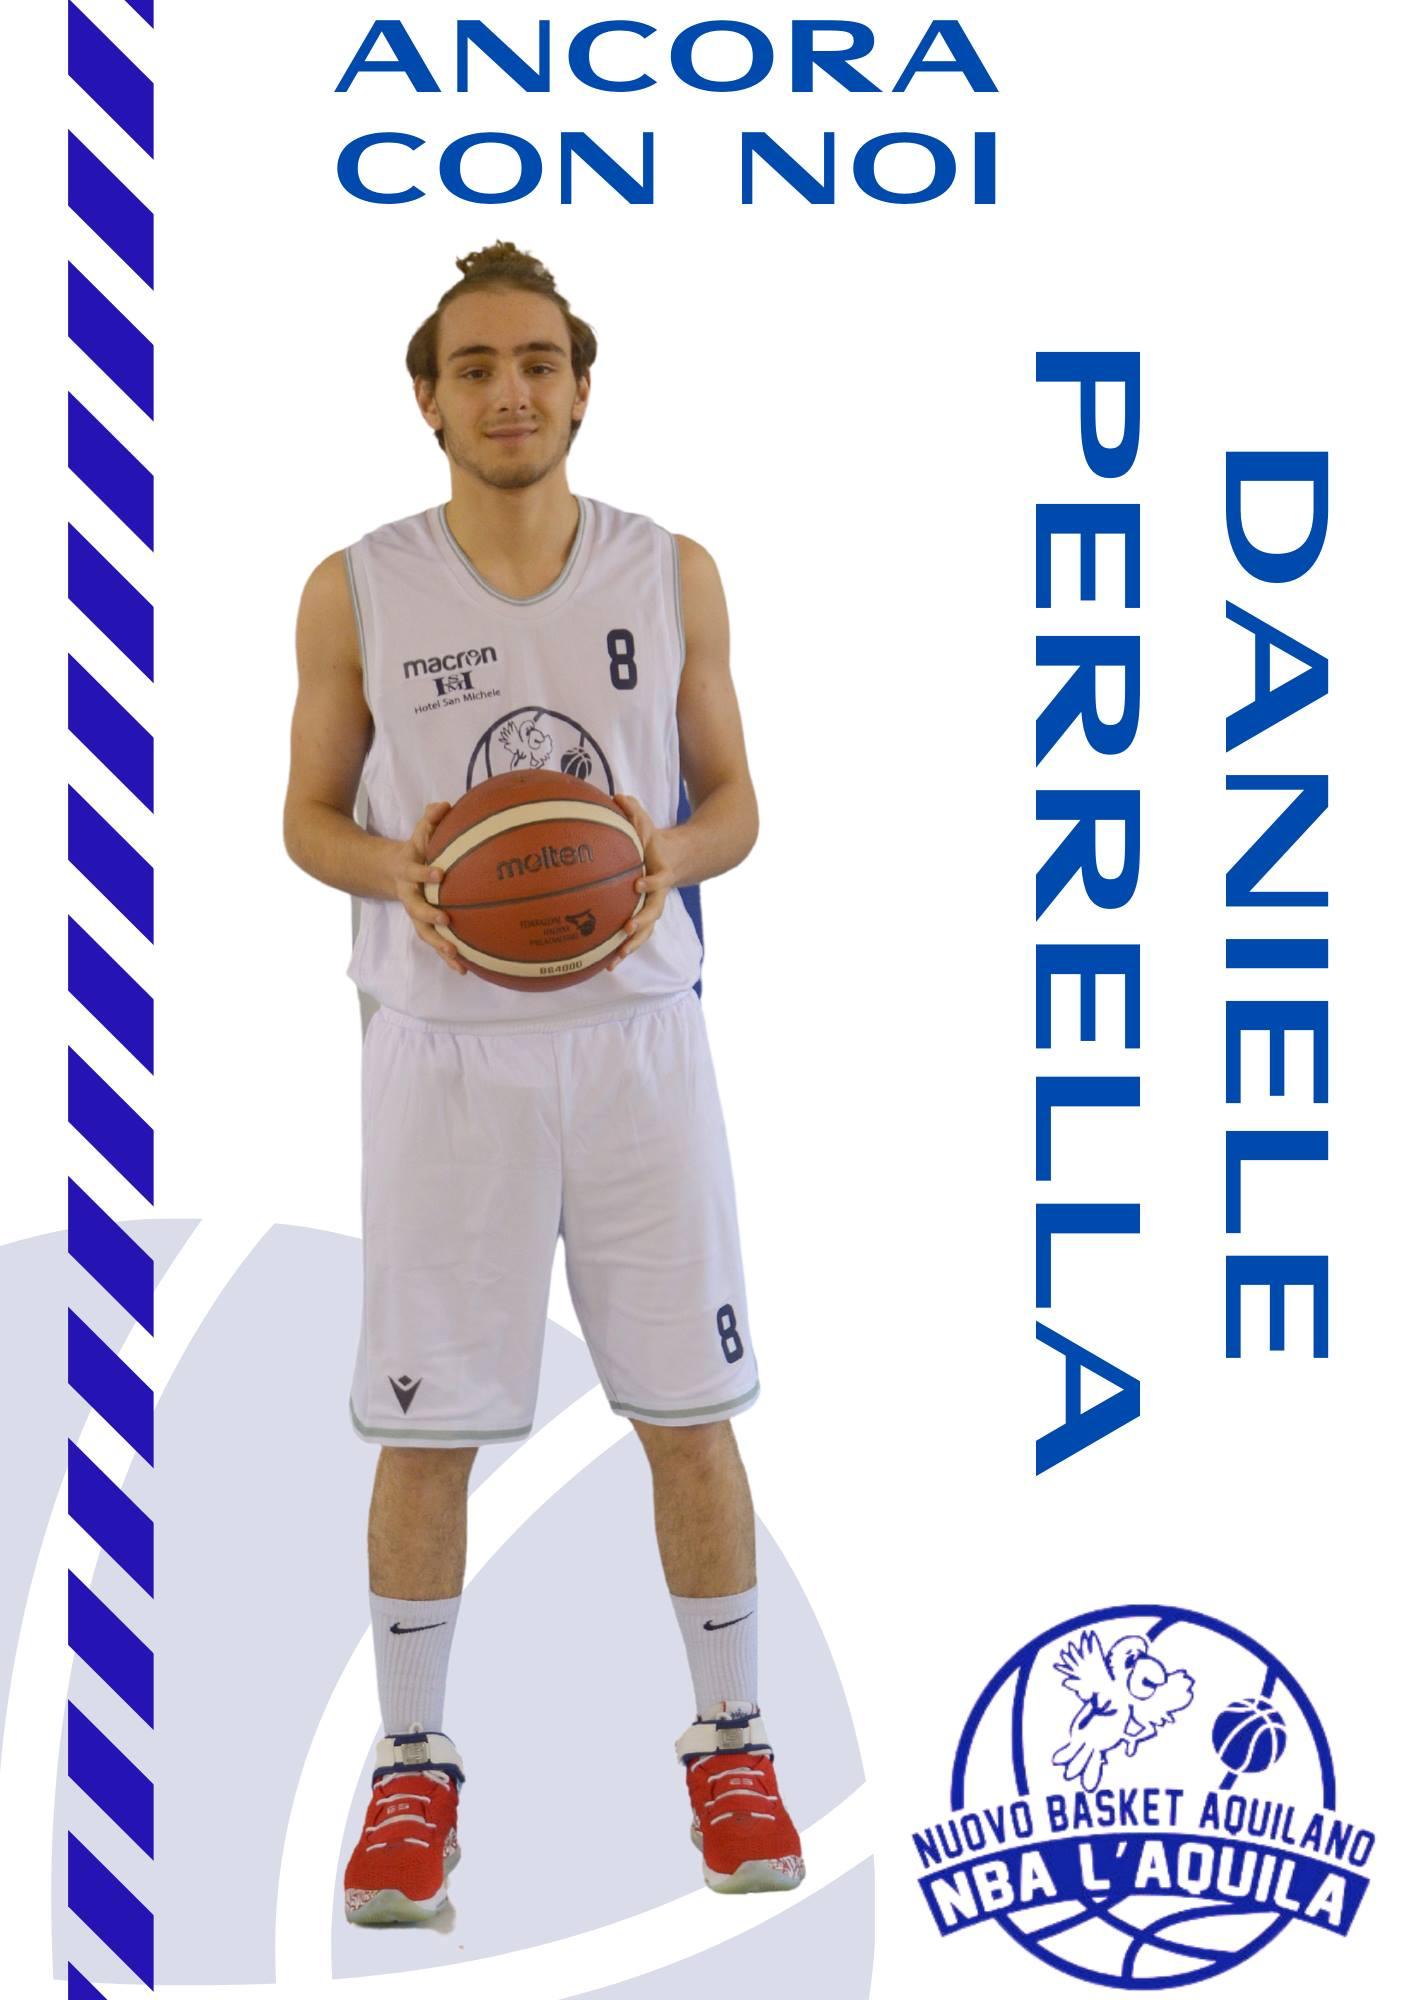 Daniele Perrella